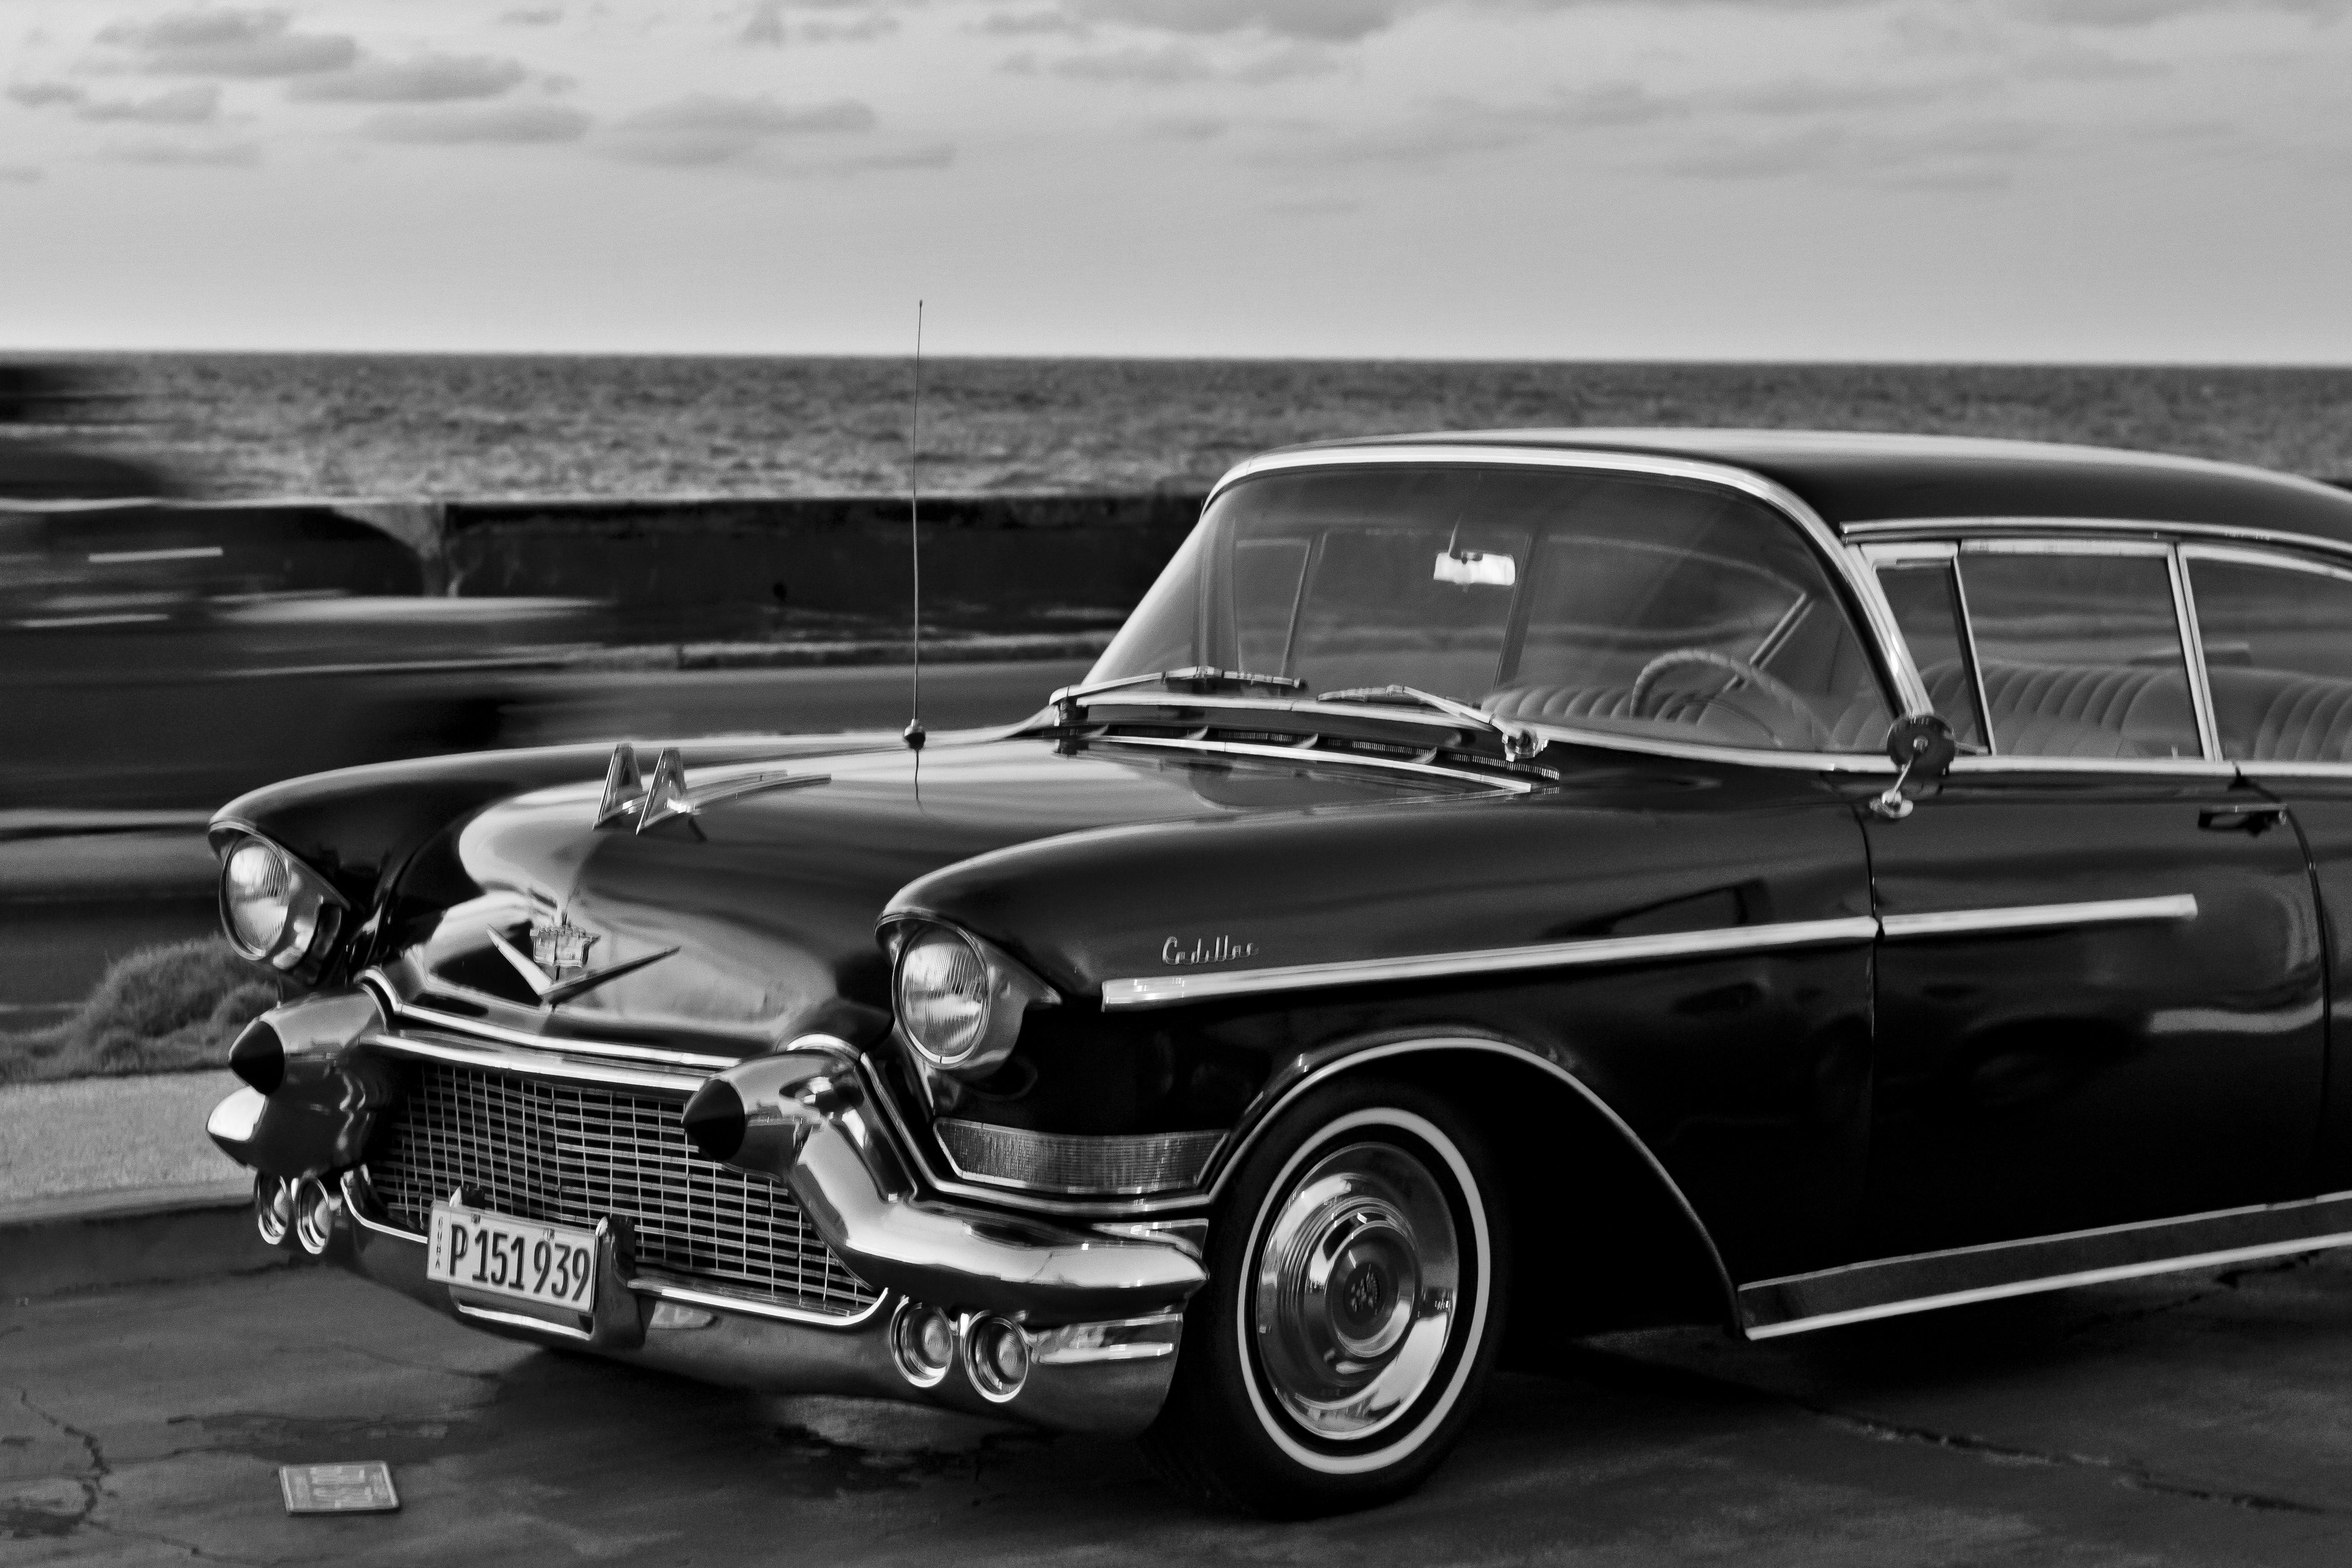 Habana 58